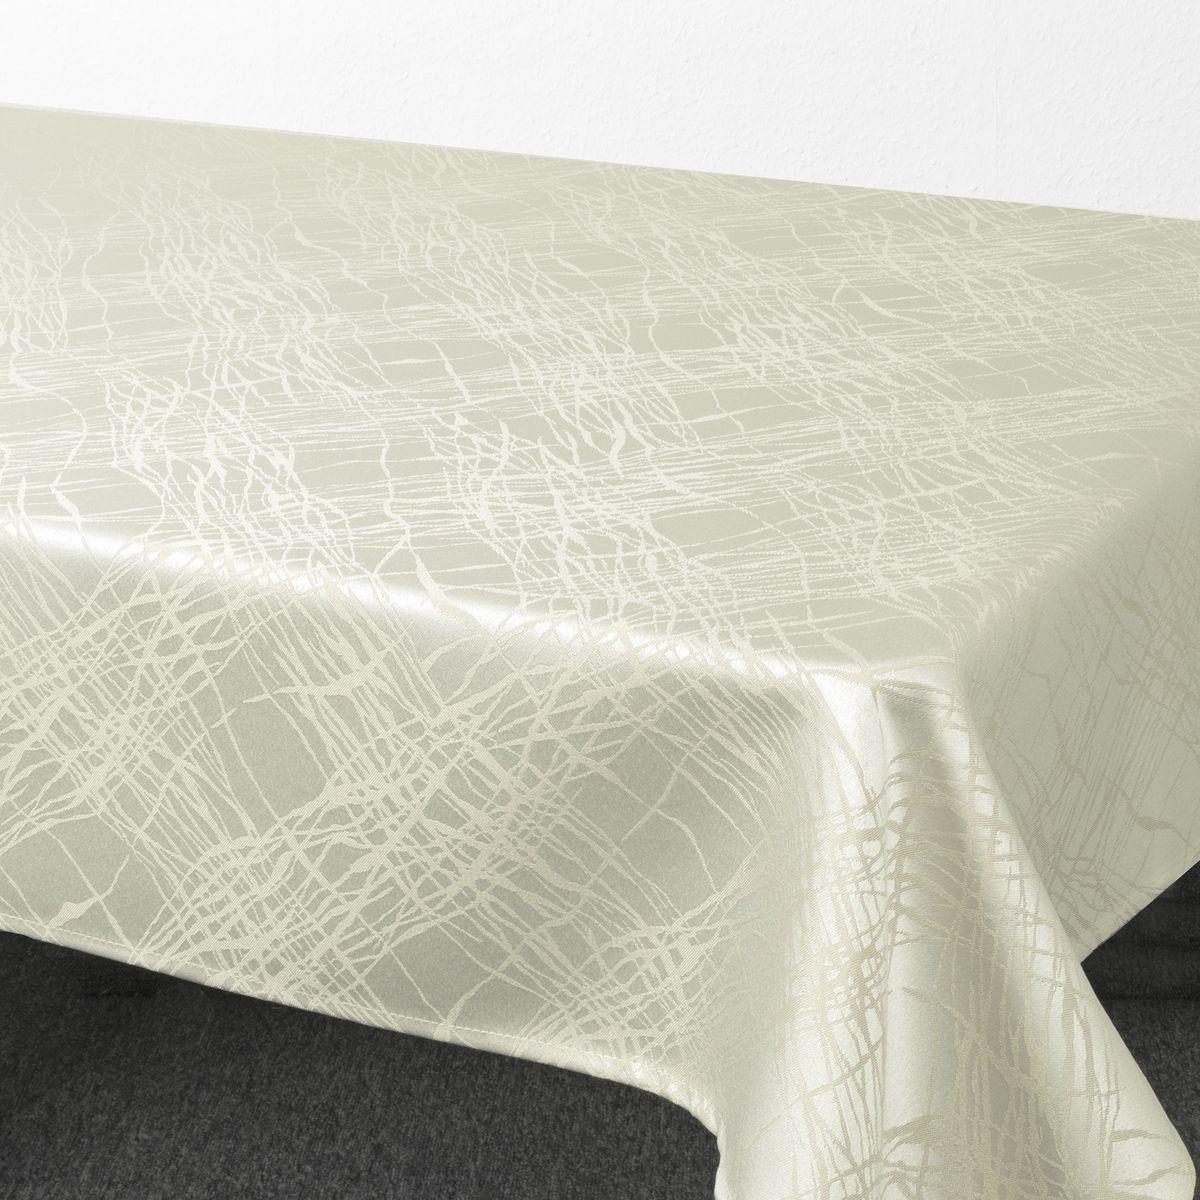 Скатерть Schaefer, прямоугольная, цвет: серый, 130 х 170 см. 07812-4291501000796Стильная скатерть Schaefer выполнена из полиэстера.Изделия из полиэстера легко стирать: они не мнутся, не садятся и быстро сохнут, они более долговечны, чем изделия из натуральных волокон.Немецкая компания Schaefer создана в 1921 году. На протяжении всего времени существования она создает уникальные коллекции домашнего текстиля для гостиных, спален, кухонь и ванных комнат. Дизайнерские идеи немецких художников компании Schaefer воплощаются в текстильных изделиях, которые сделают ваш дом красивее и уютнее и не останутся незамеченными вашими гостями. Дарите себе и близким красоту каждый день!